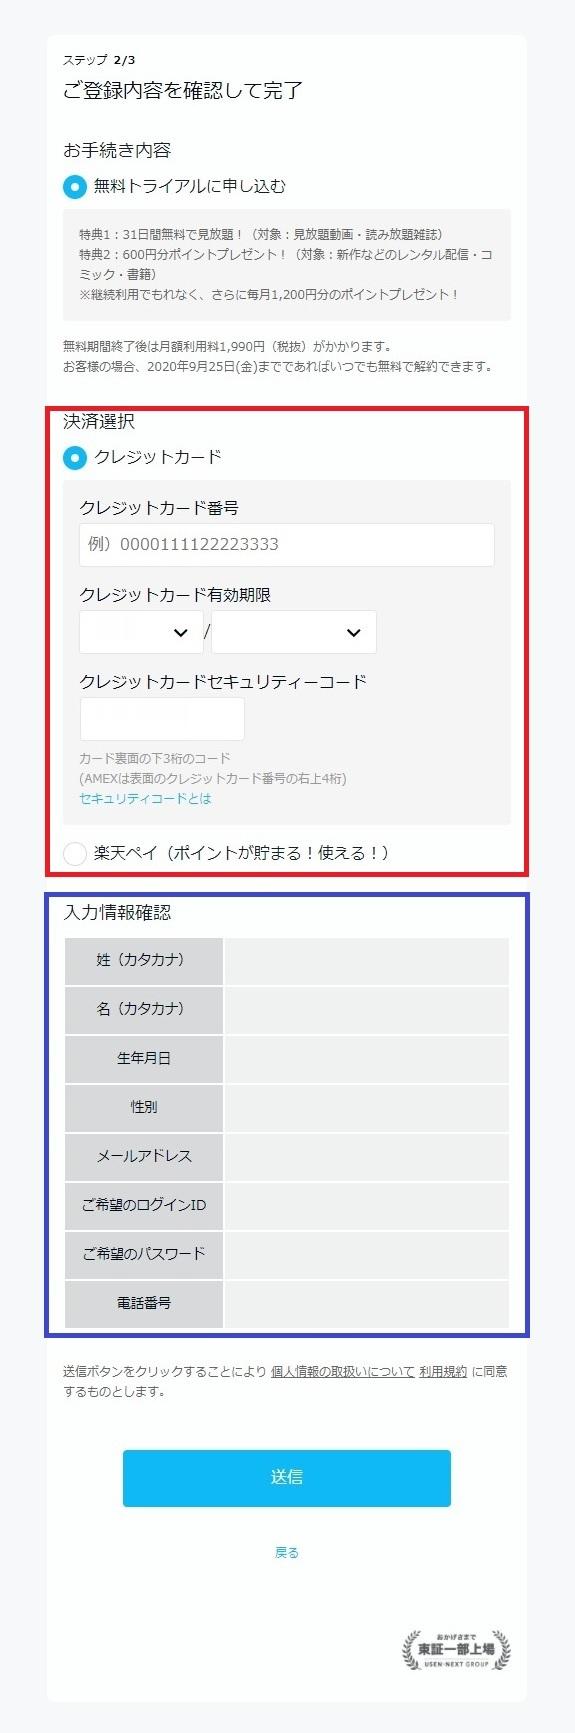 U-NEXT申し込みフォーム